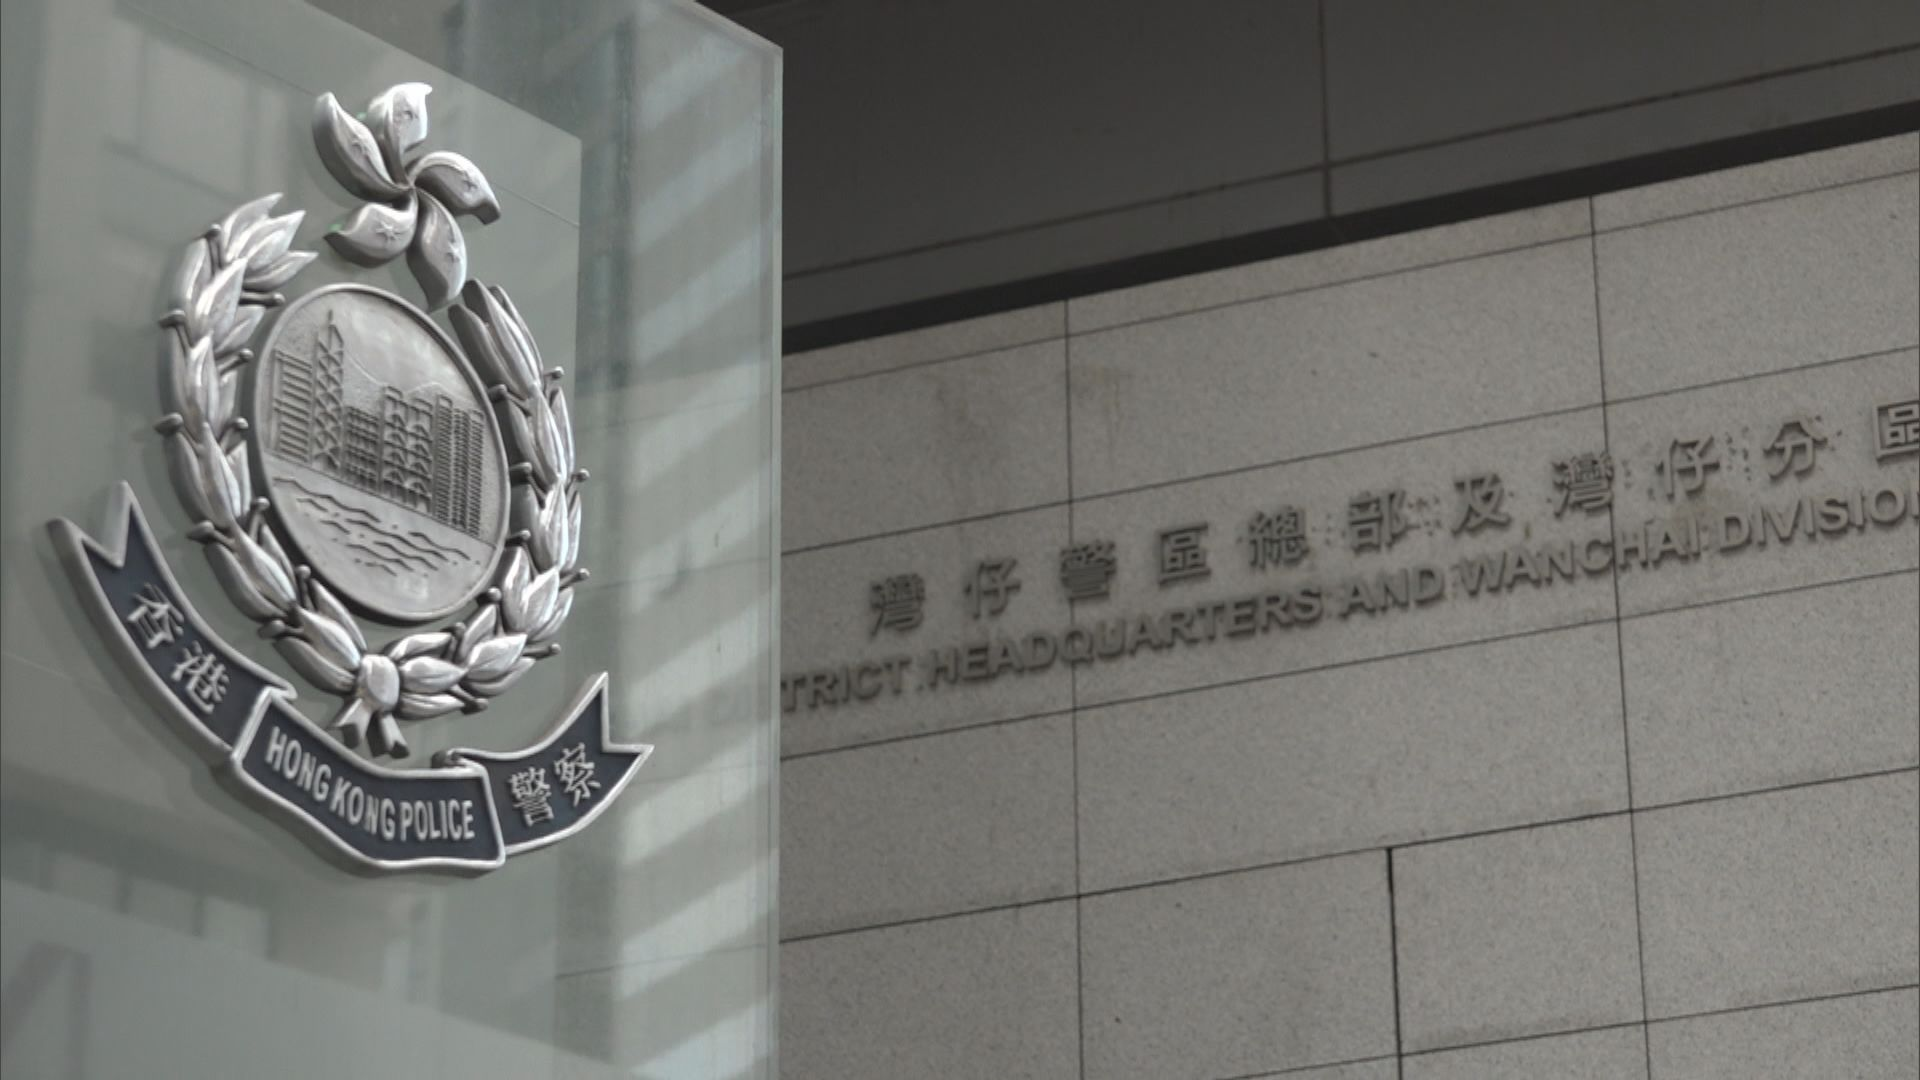 保安局:警方依法調查和搜證 譴責誤導言論